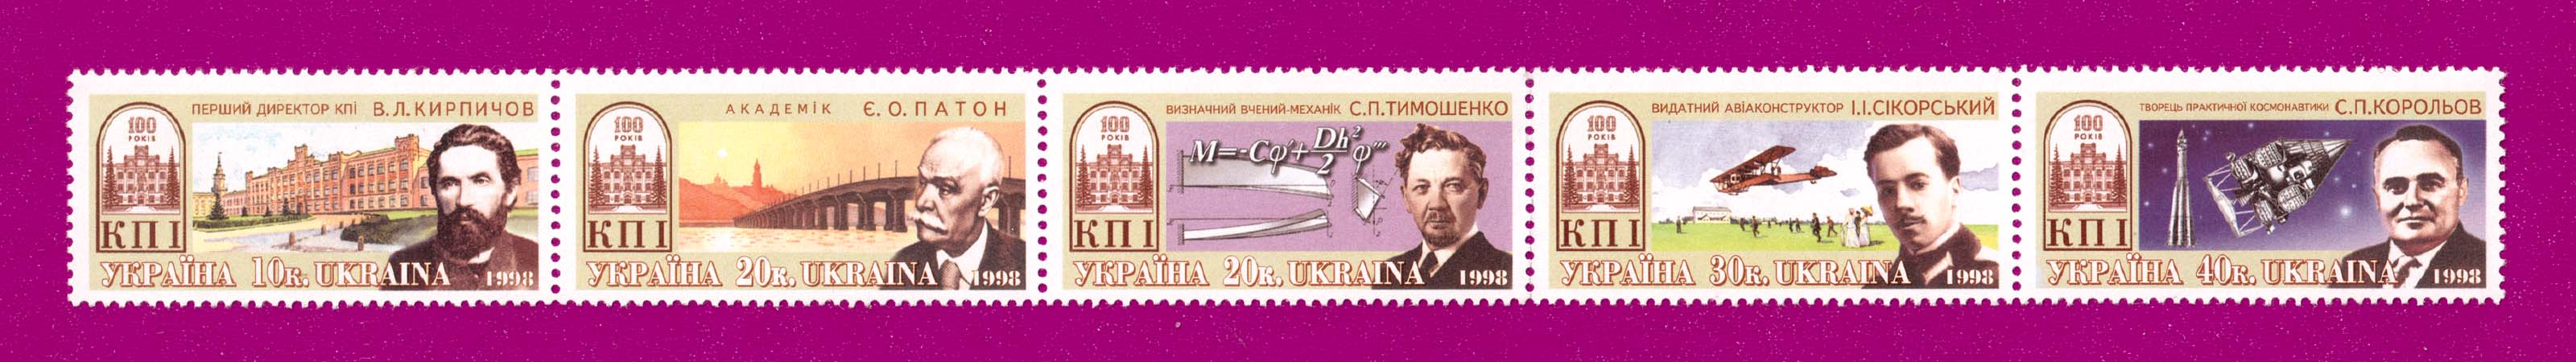 1998 сцепка КПИ Космос ученые Украина